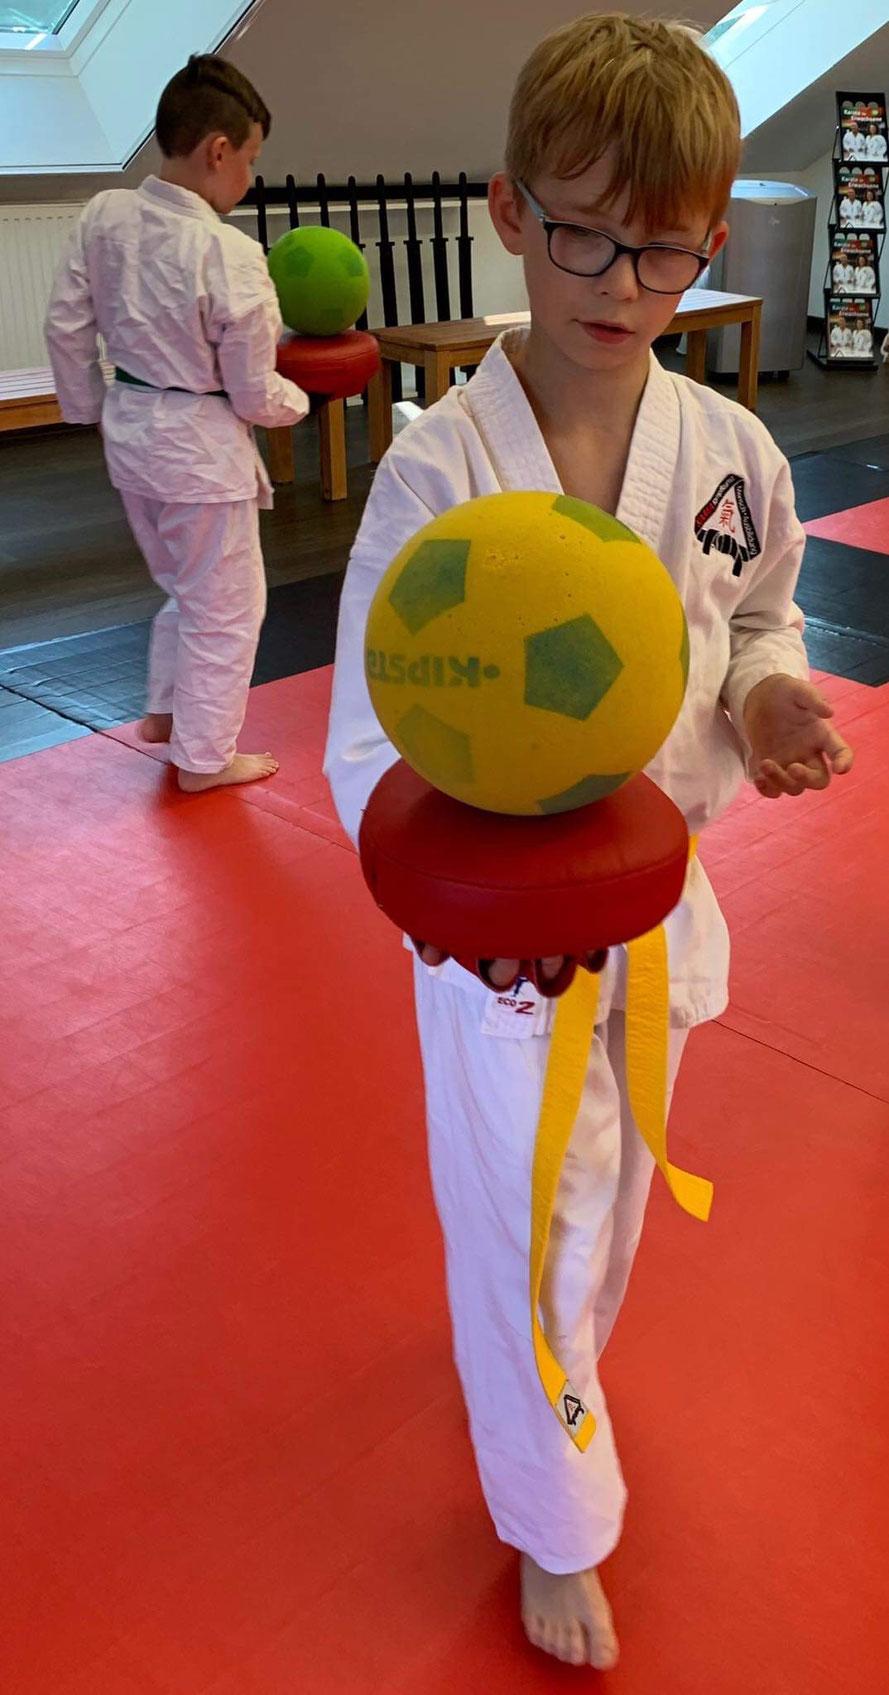 Spaß an Bewegung = Bessere Fitness, Konzentrations- und Koordinationsfähigkeit = Gesunde Kinder - Das Konzept des Karatezentrums Oer-Erkenschwick!